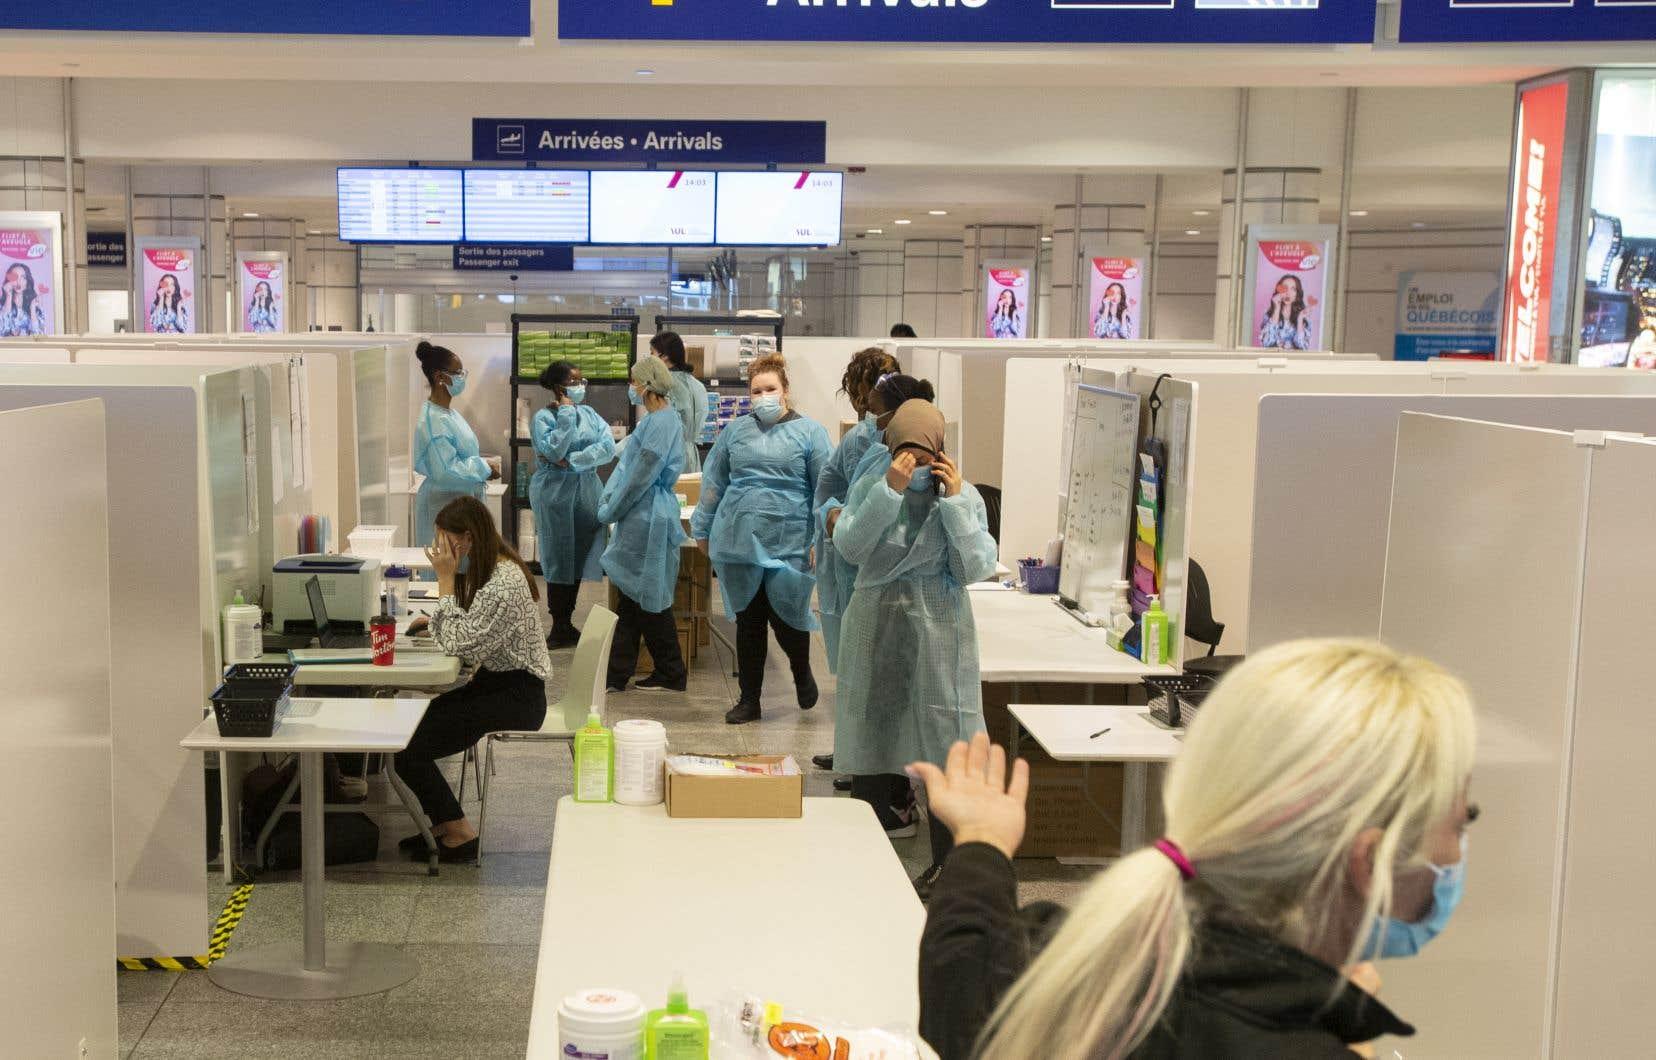 À compter de lundi, les personnes arrivant au Canada par voie aérienne devront s'isoler à l'hôtel en attendant le résultat de leur test de dépistage de la COVID-19 qu'ils auront subi à leur arrivée.